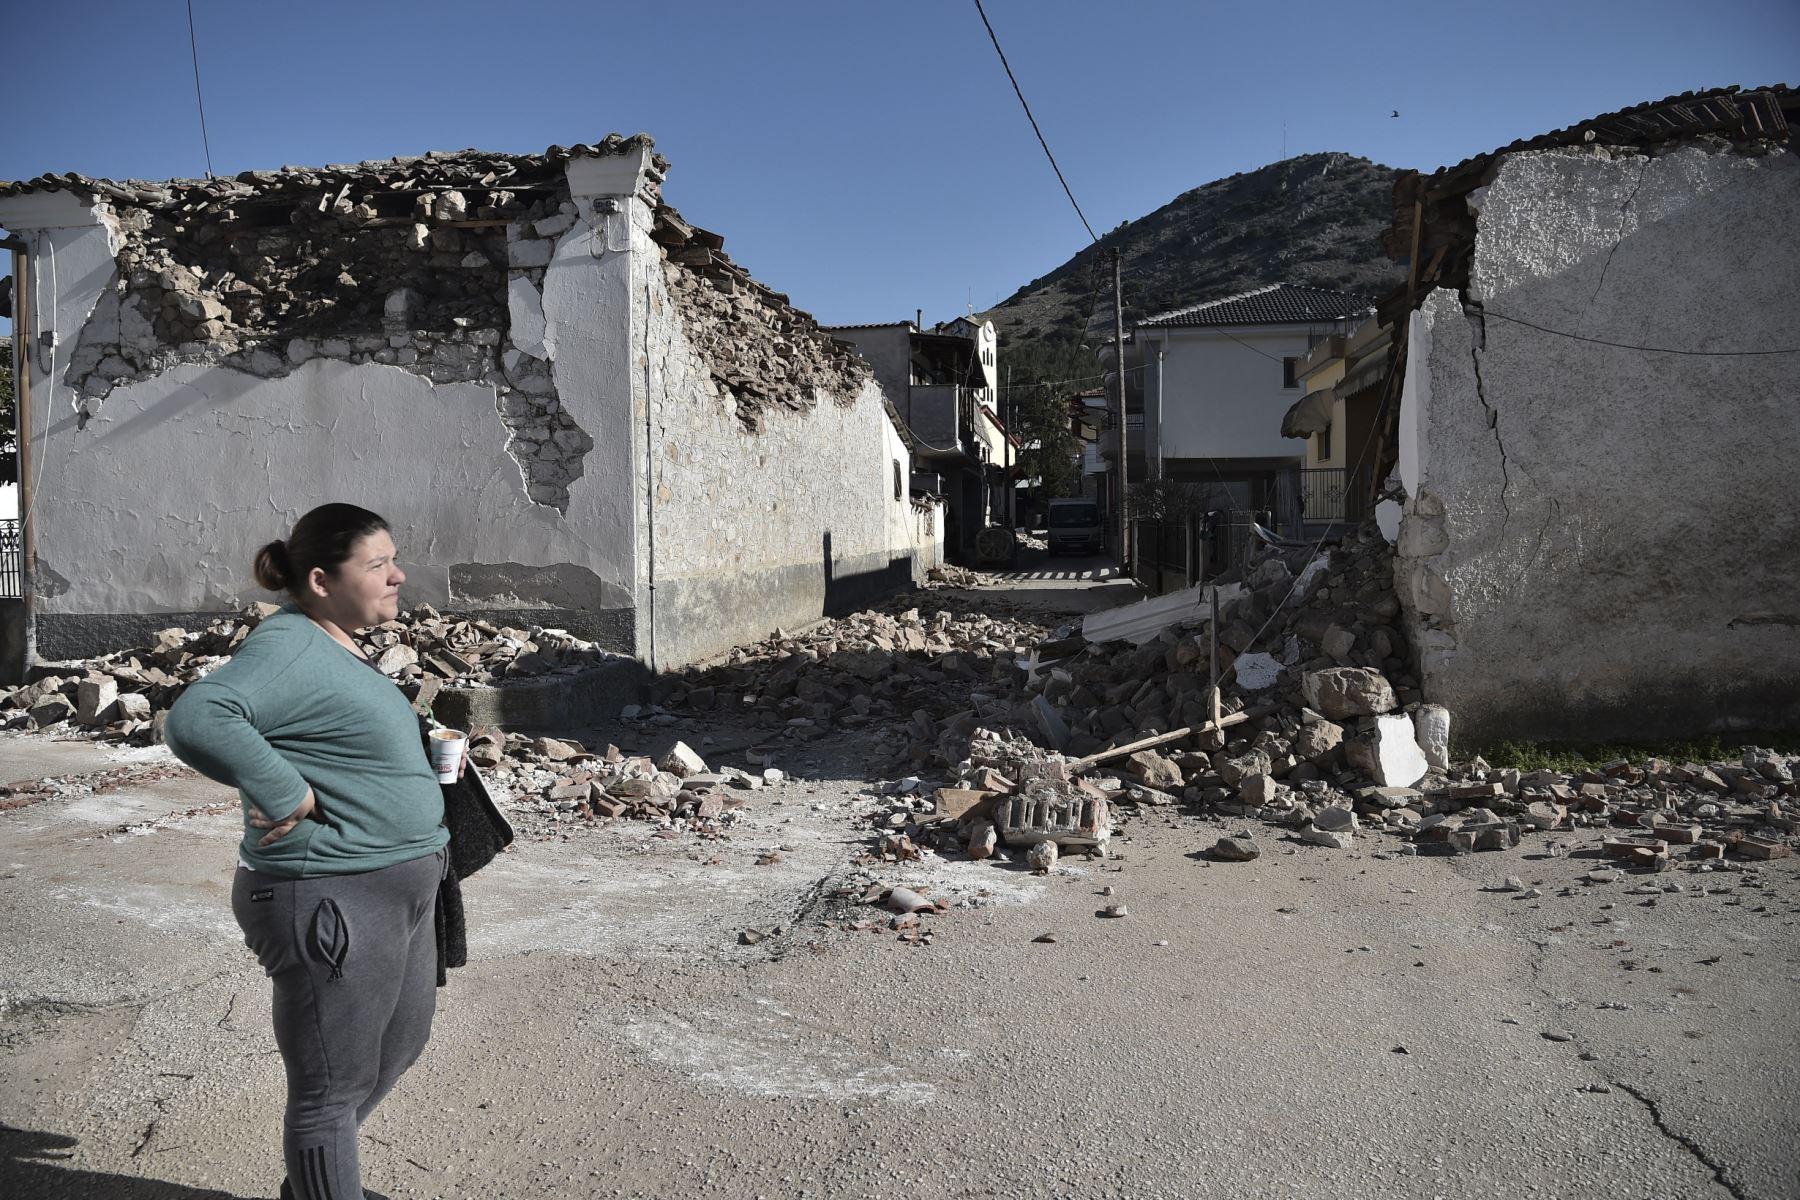 Una mujer se encuentra junto a los viejos edificios dañados en la aldea de Damasi después de que un fuerte sismo de magnitud 6,3 azotara la región central griega de Tesalia. Foto: AFP